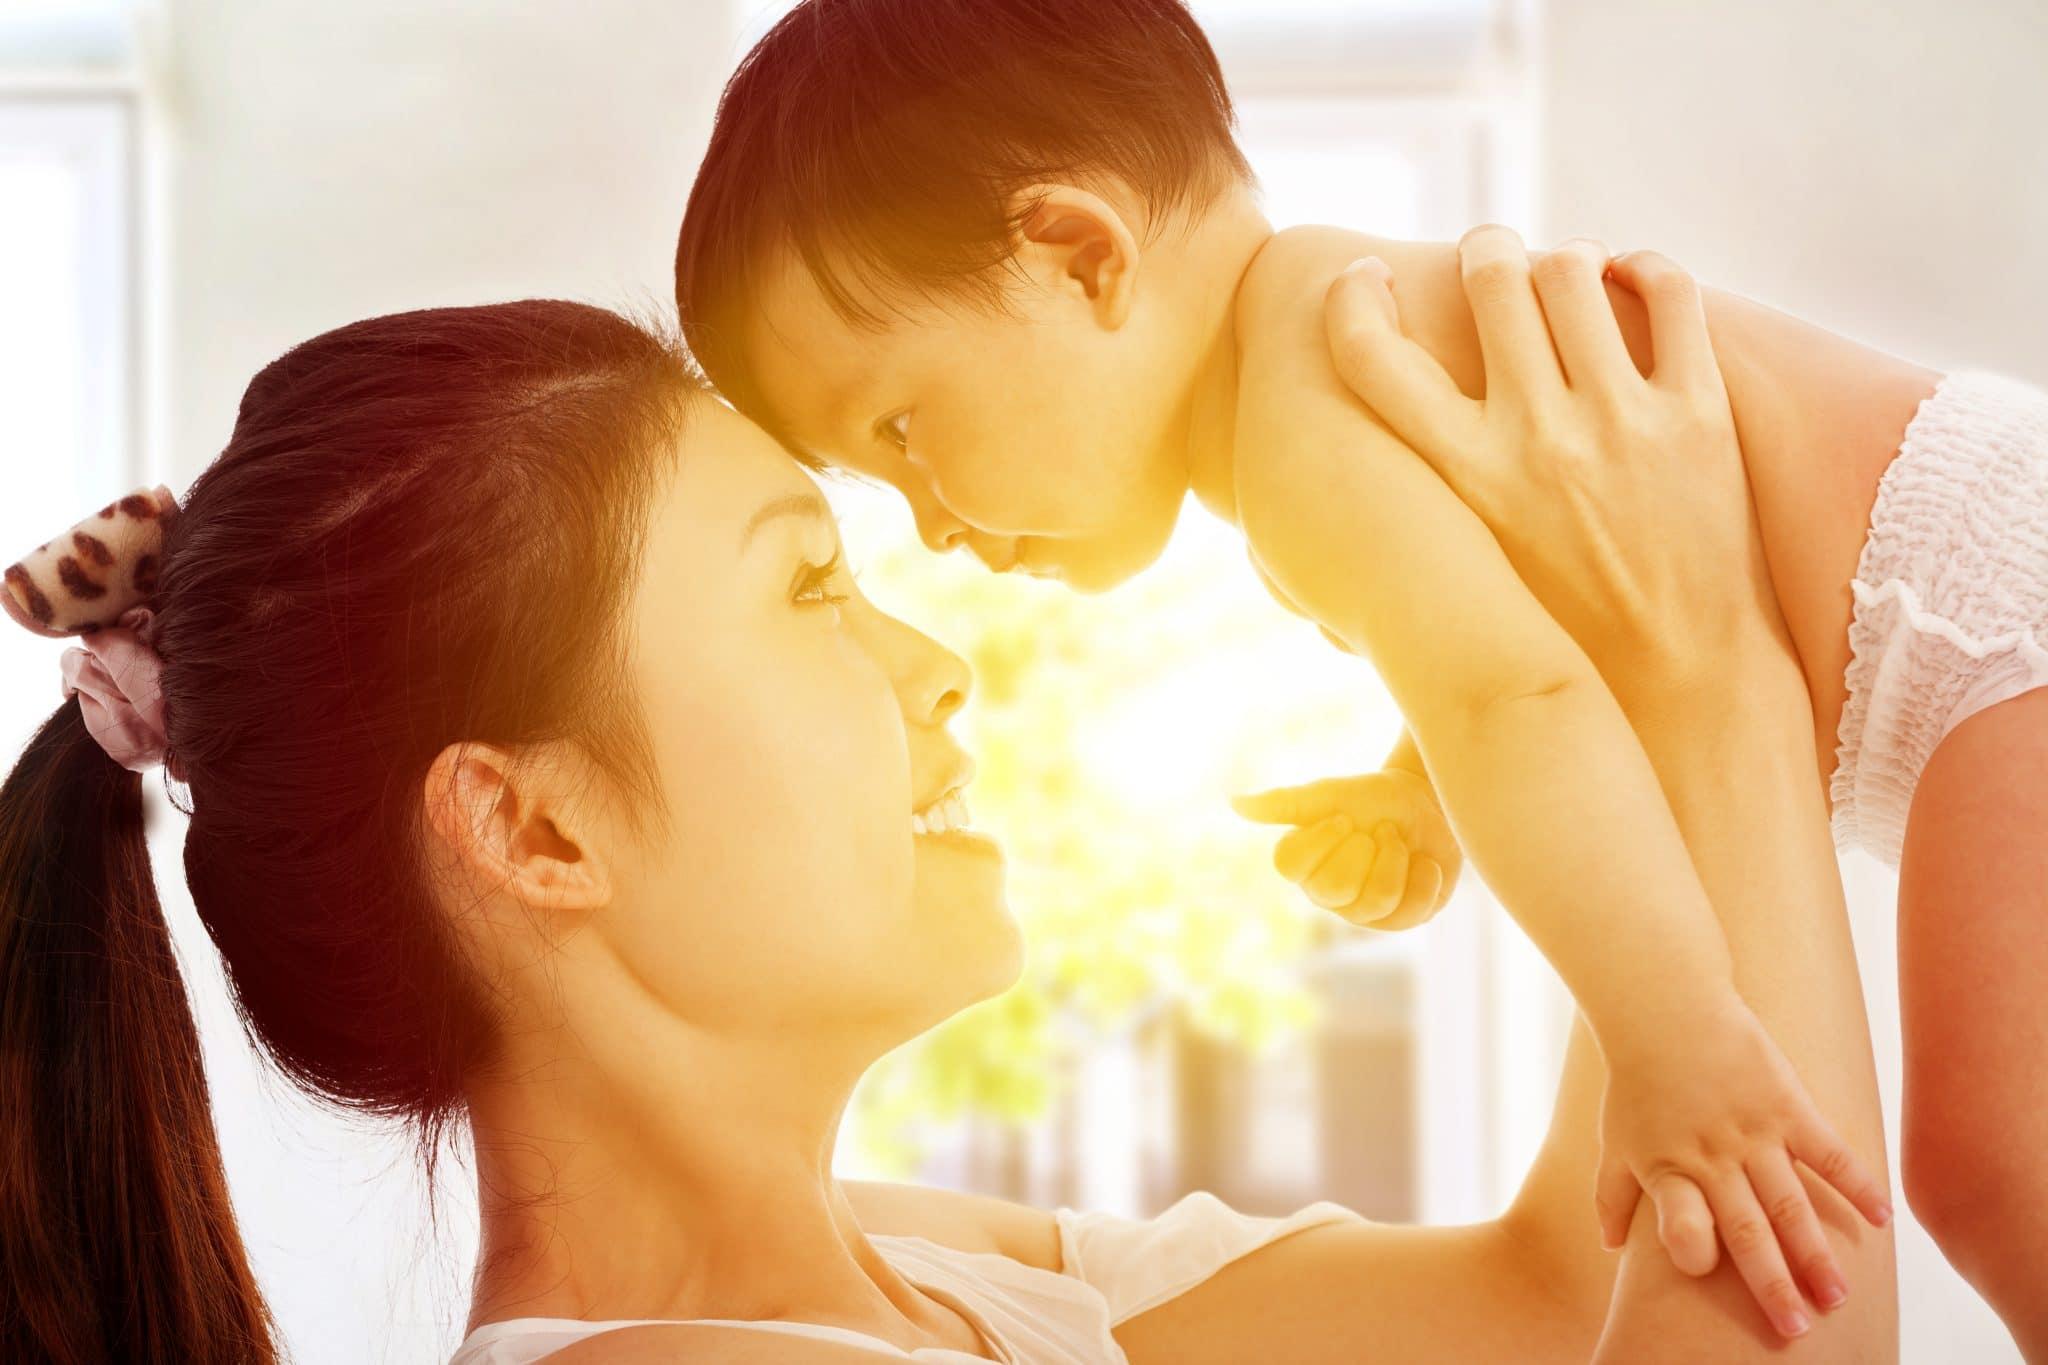 mum child light